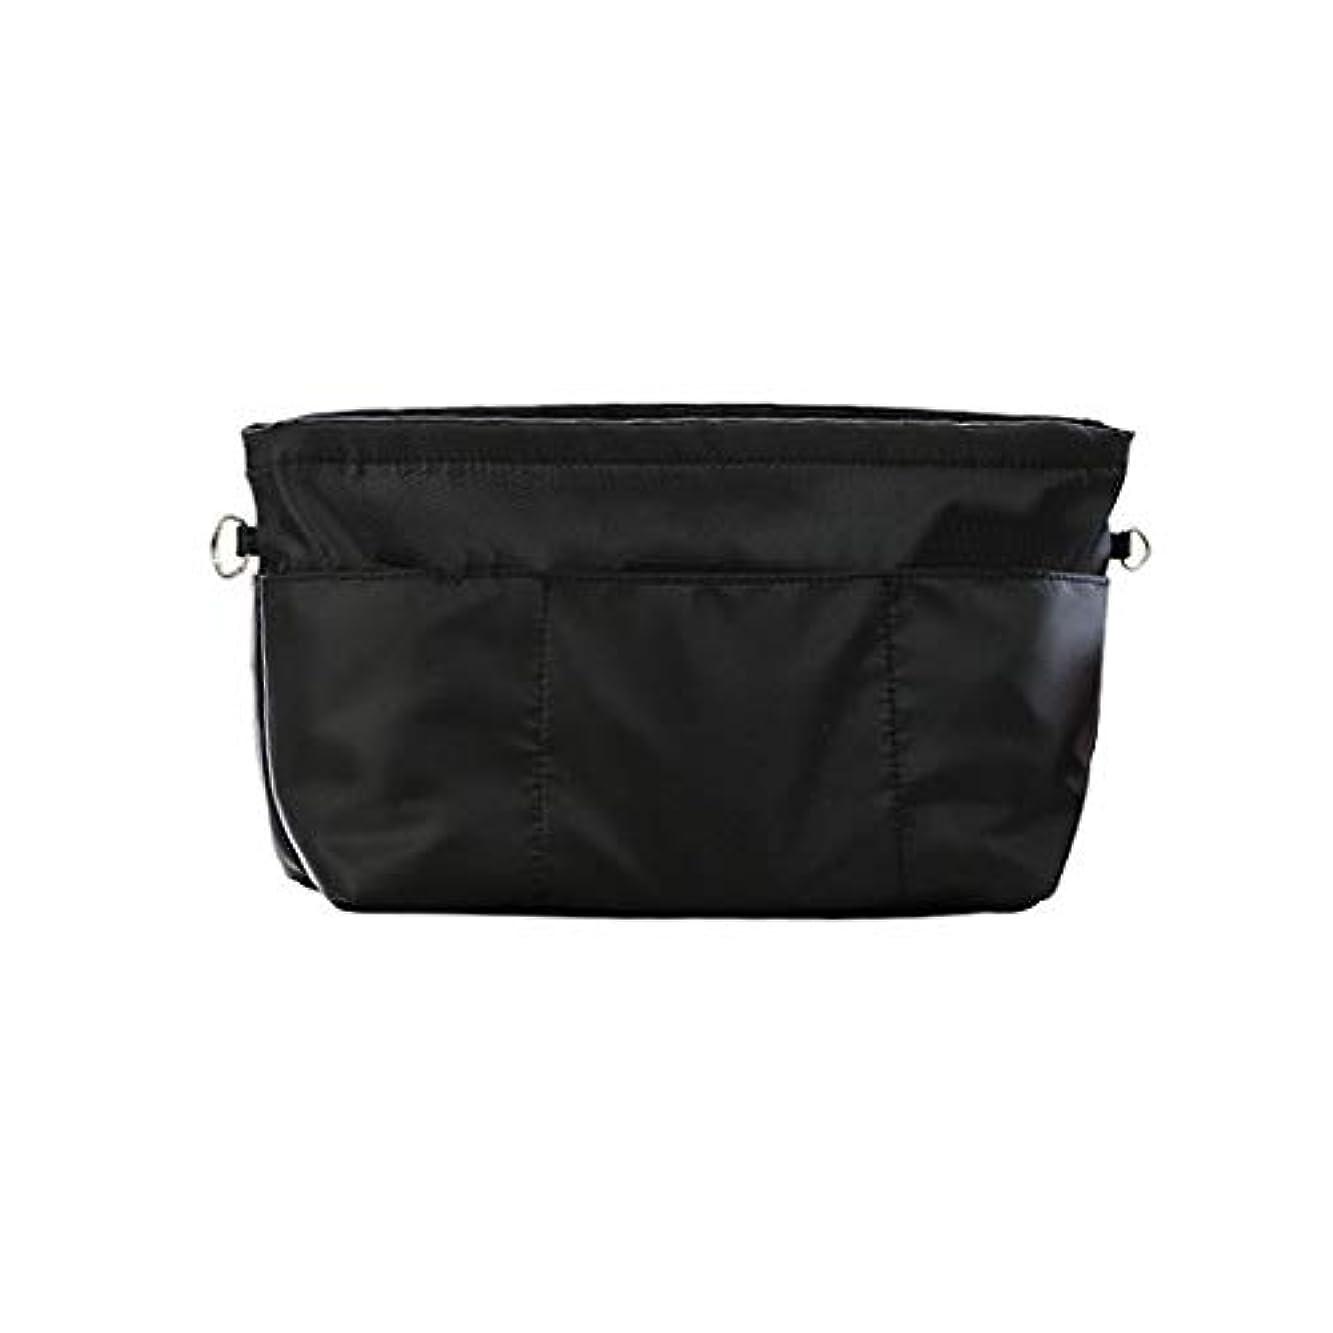 包帯クラシック理解Surui バッグインバッグ インナーバッグ 収納ホルダー バッグ イン バッグ レディース 収納ポーチ 多機能 ホルダー 化粧ポーチ ハンドバッグ 女性 おしゃれ 収納 化粧品バッグ 化粧ホルダー 大容量 XS